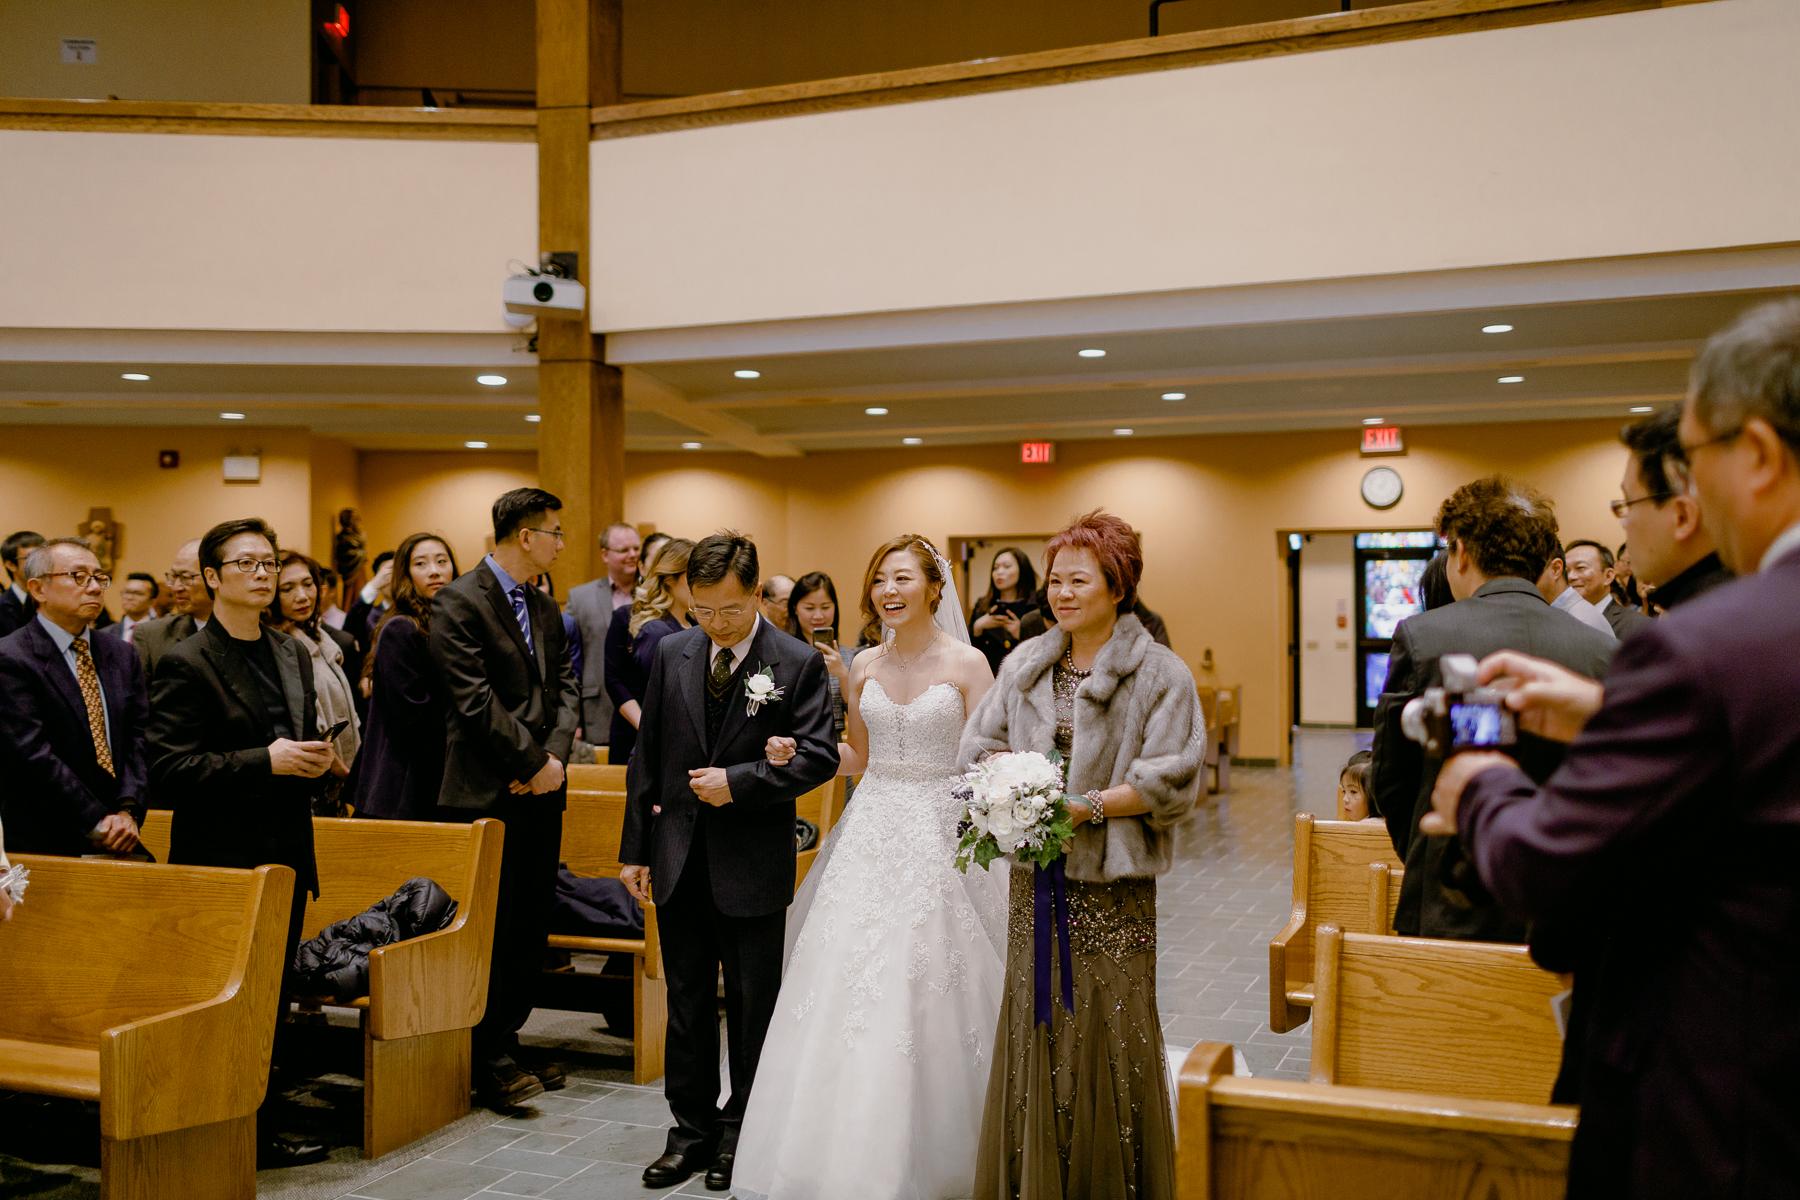 markham-wedding-photography-markham-museum-wedding 0030.jpg